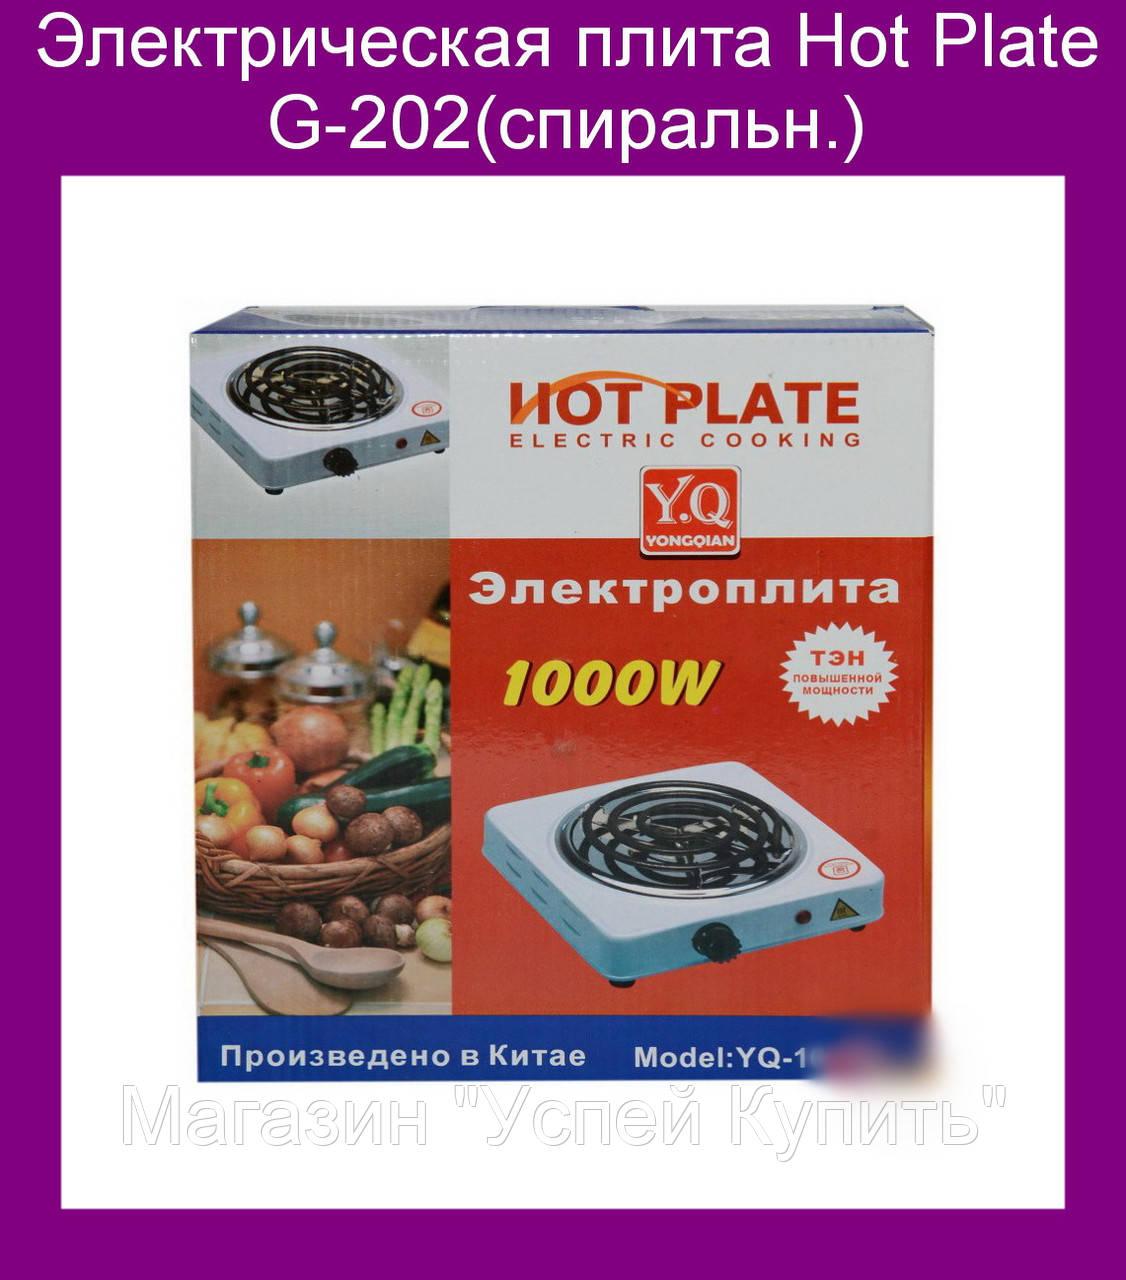 """Электрическая плита Hot Plate G-202(спиральн.)!Акция - Магазин """"Успей Купить"""" в Одесской области"""